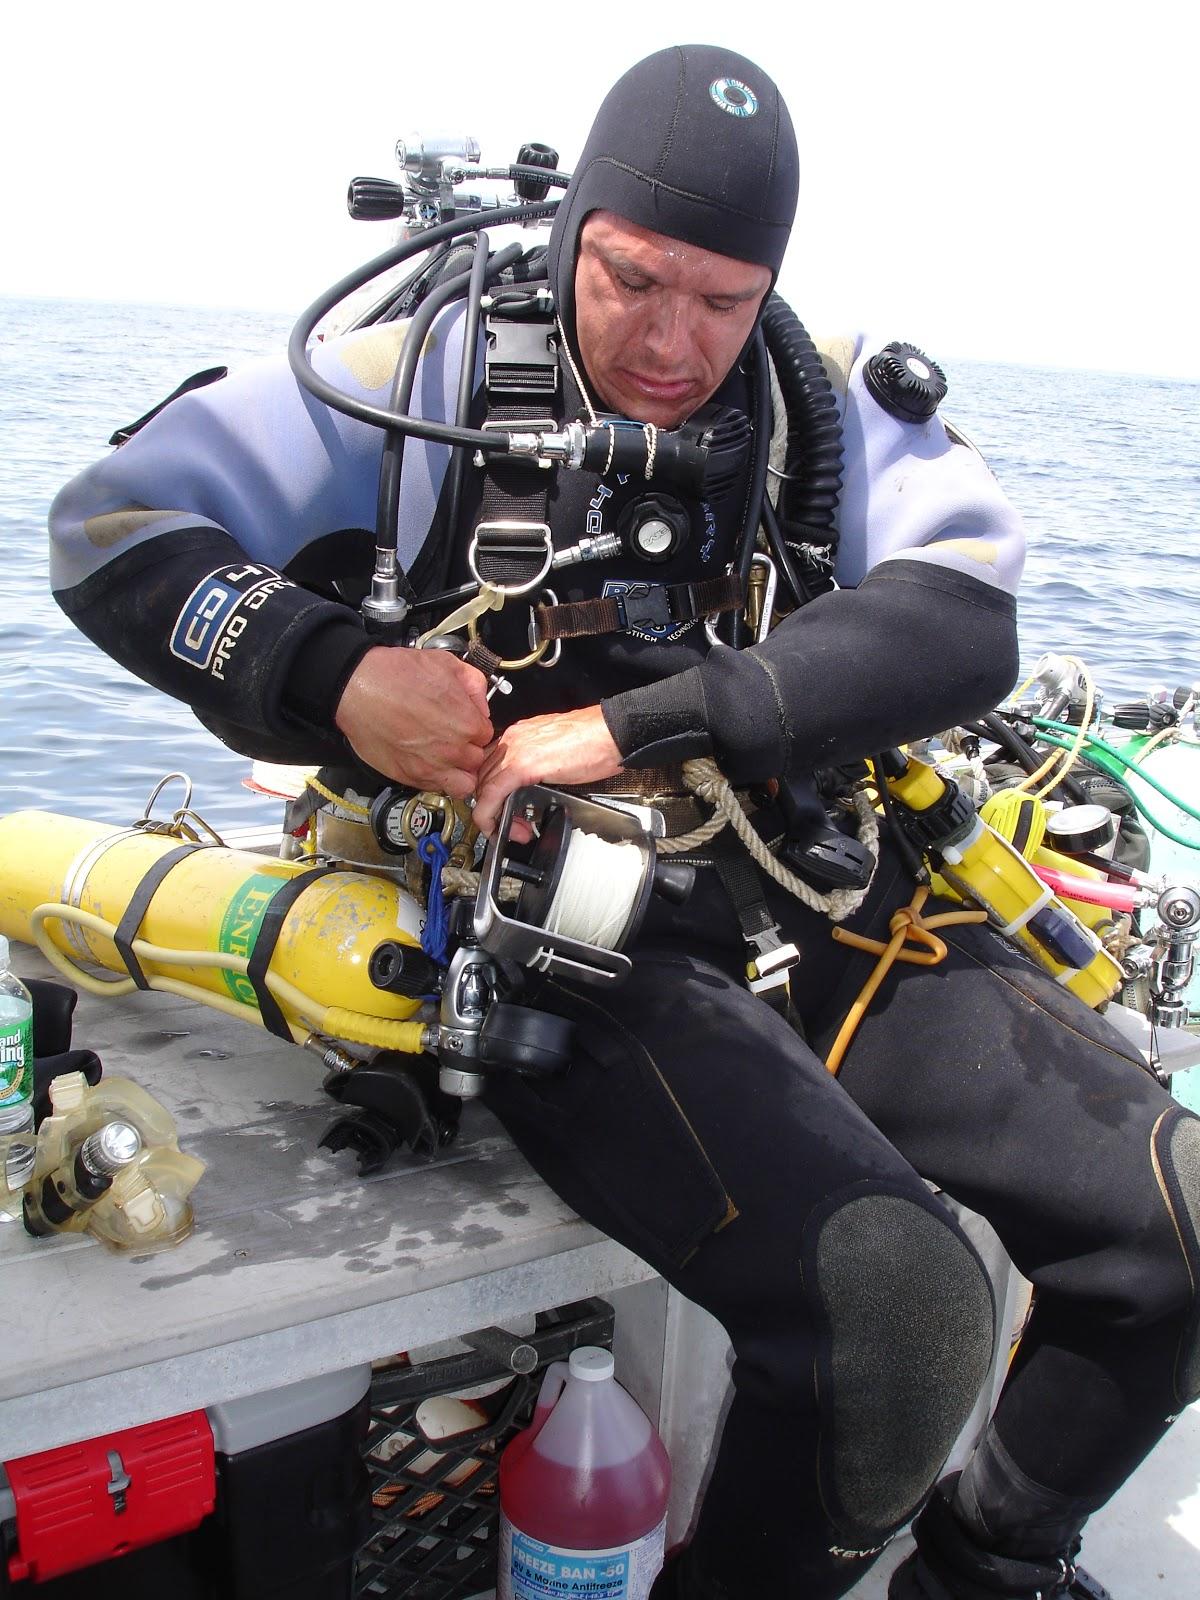 Atlantic Divers Scuba Training Fall 2018